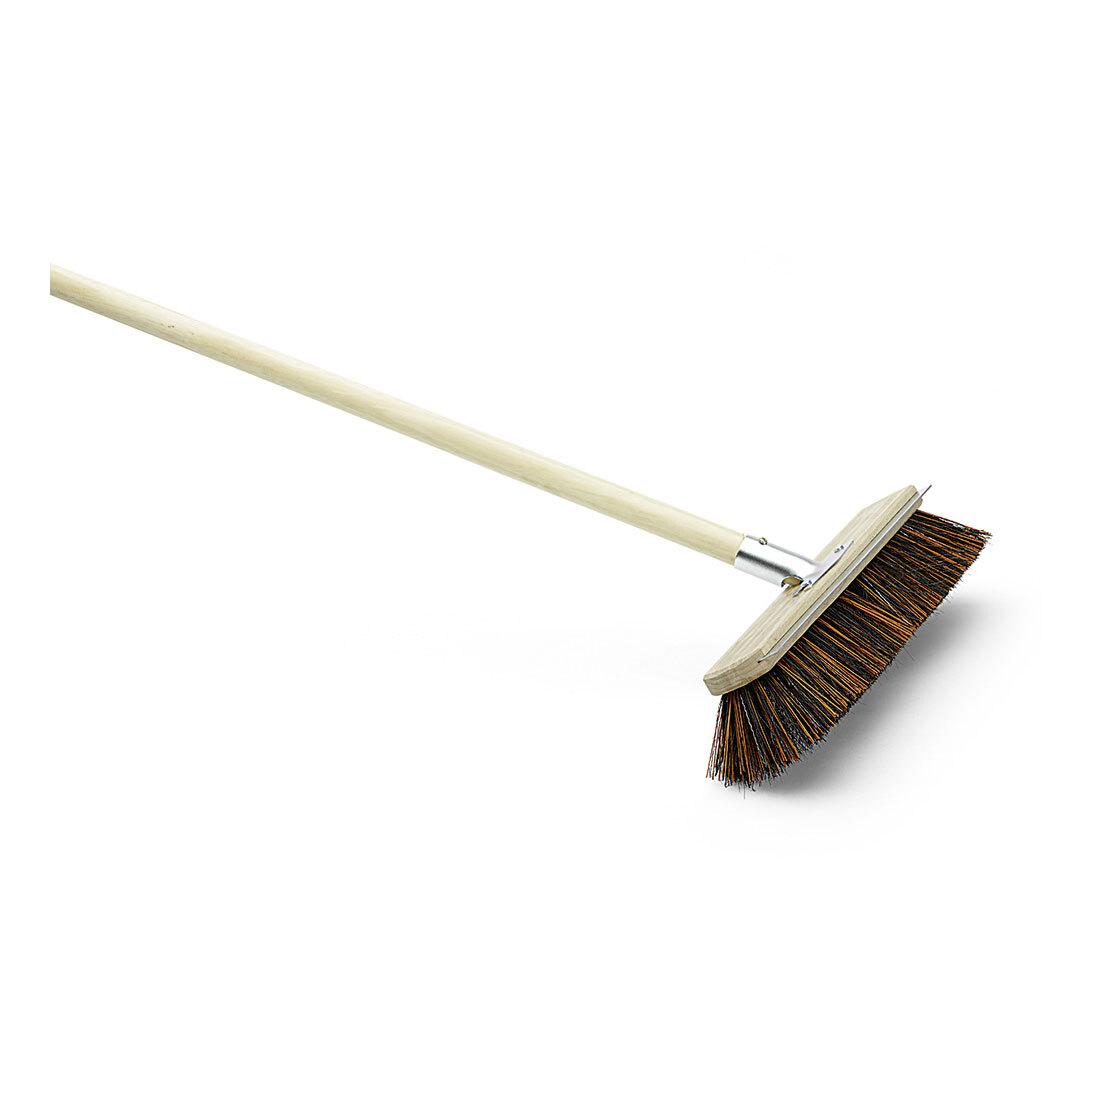 Koště silniční - smeták, šířka 40 cm, násada 140 cm, ocelová škrabka, dřevěný rám